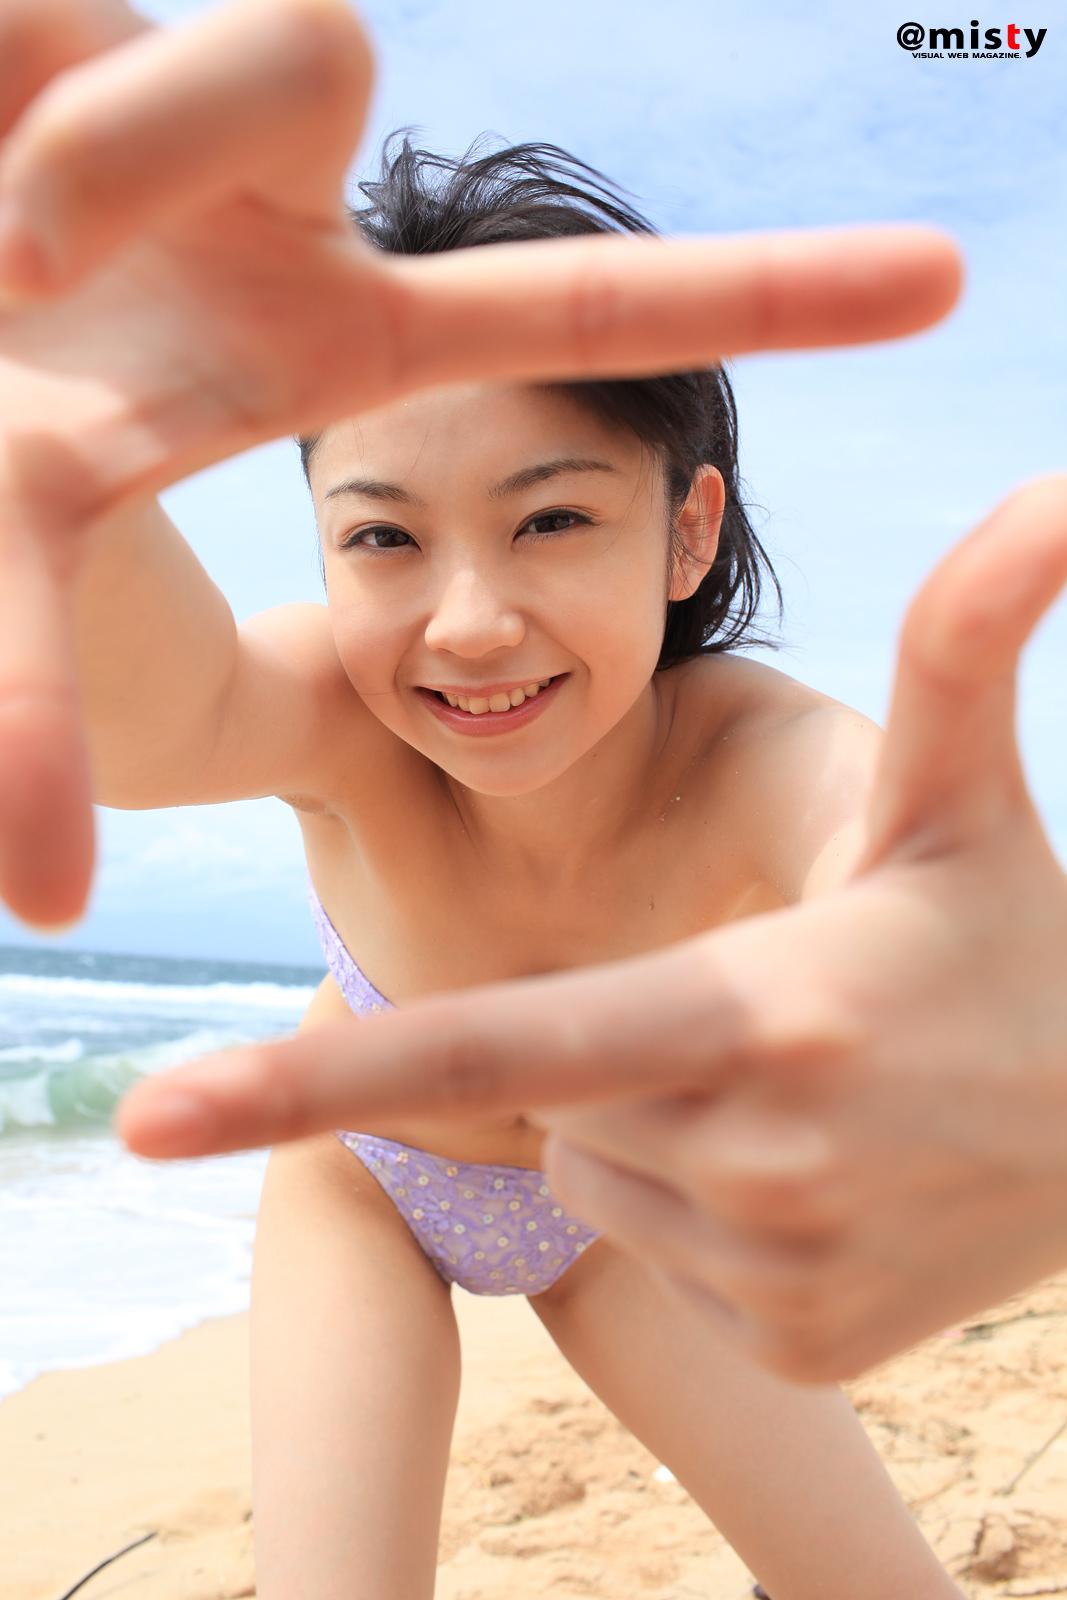 Nana Akiyama little girl on the beach